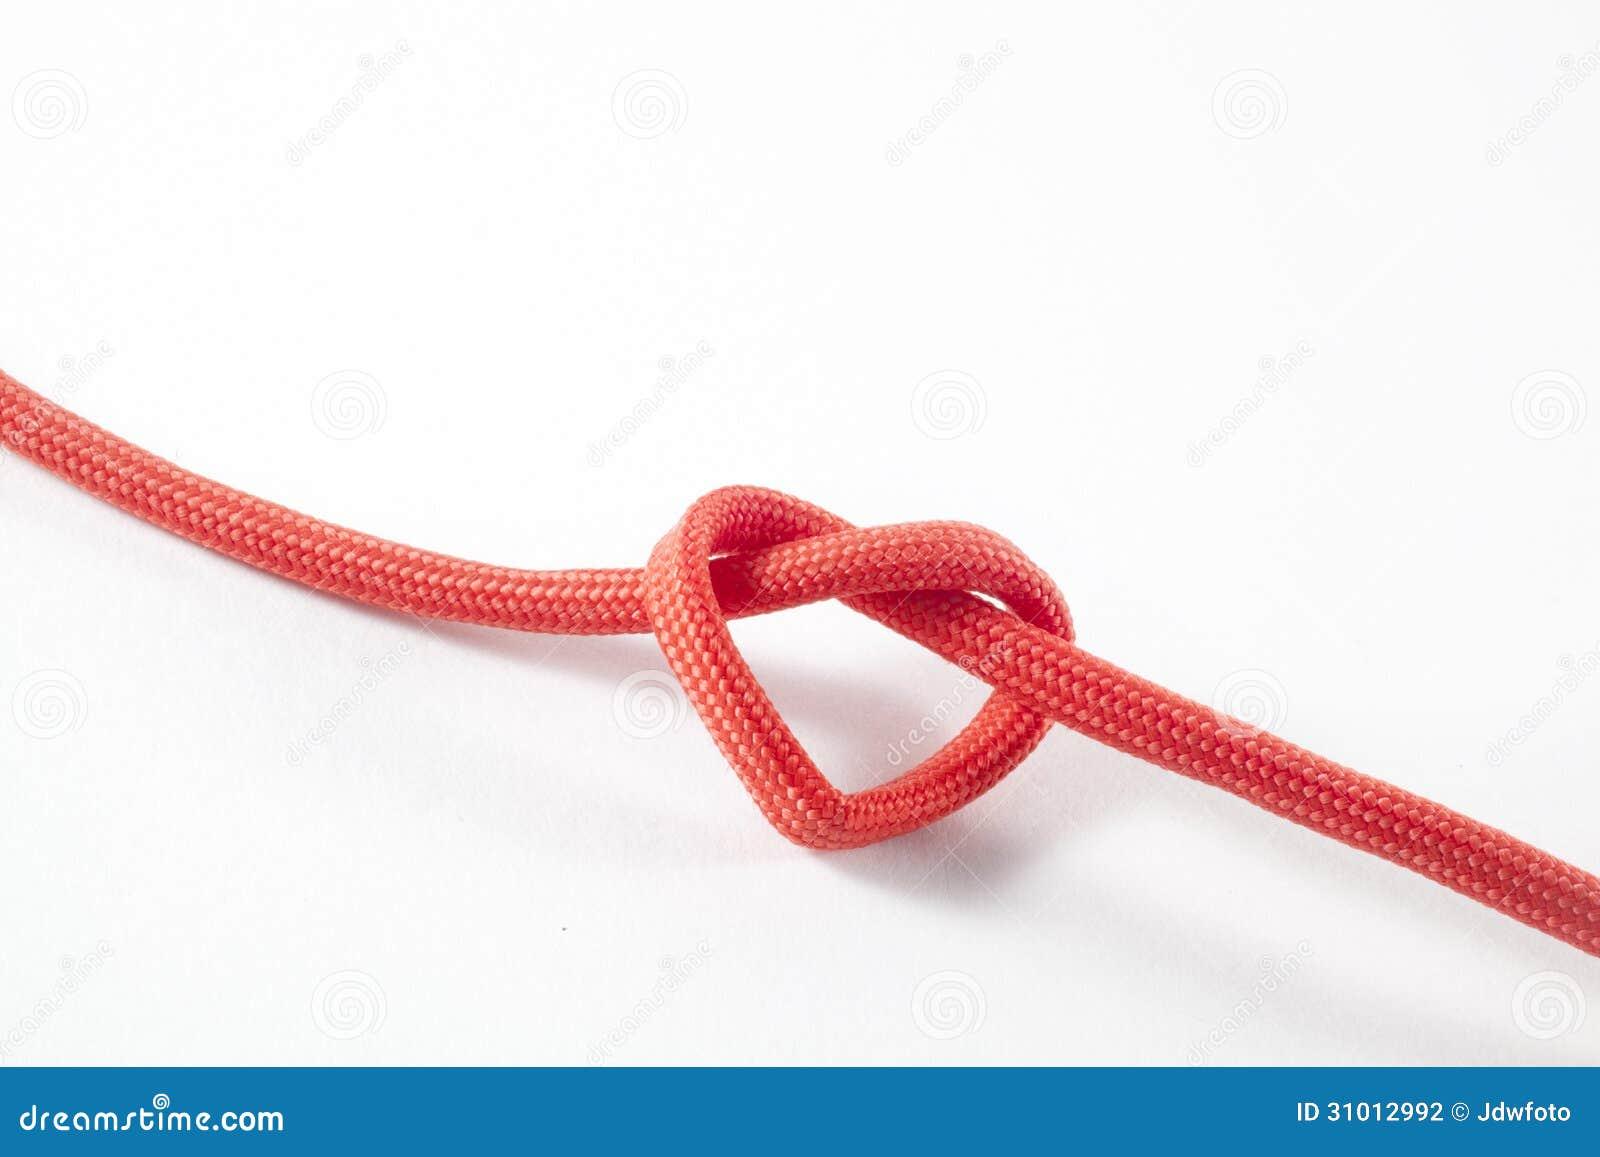 Nodi!!! Nodo-semplice-forma-di-del-cuore-31012992